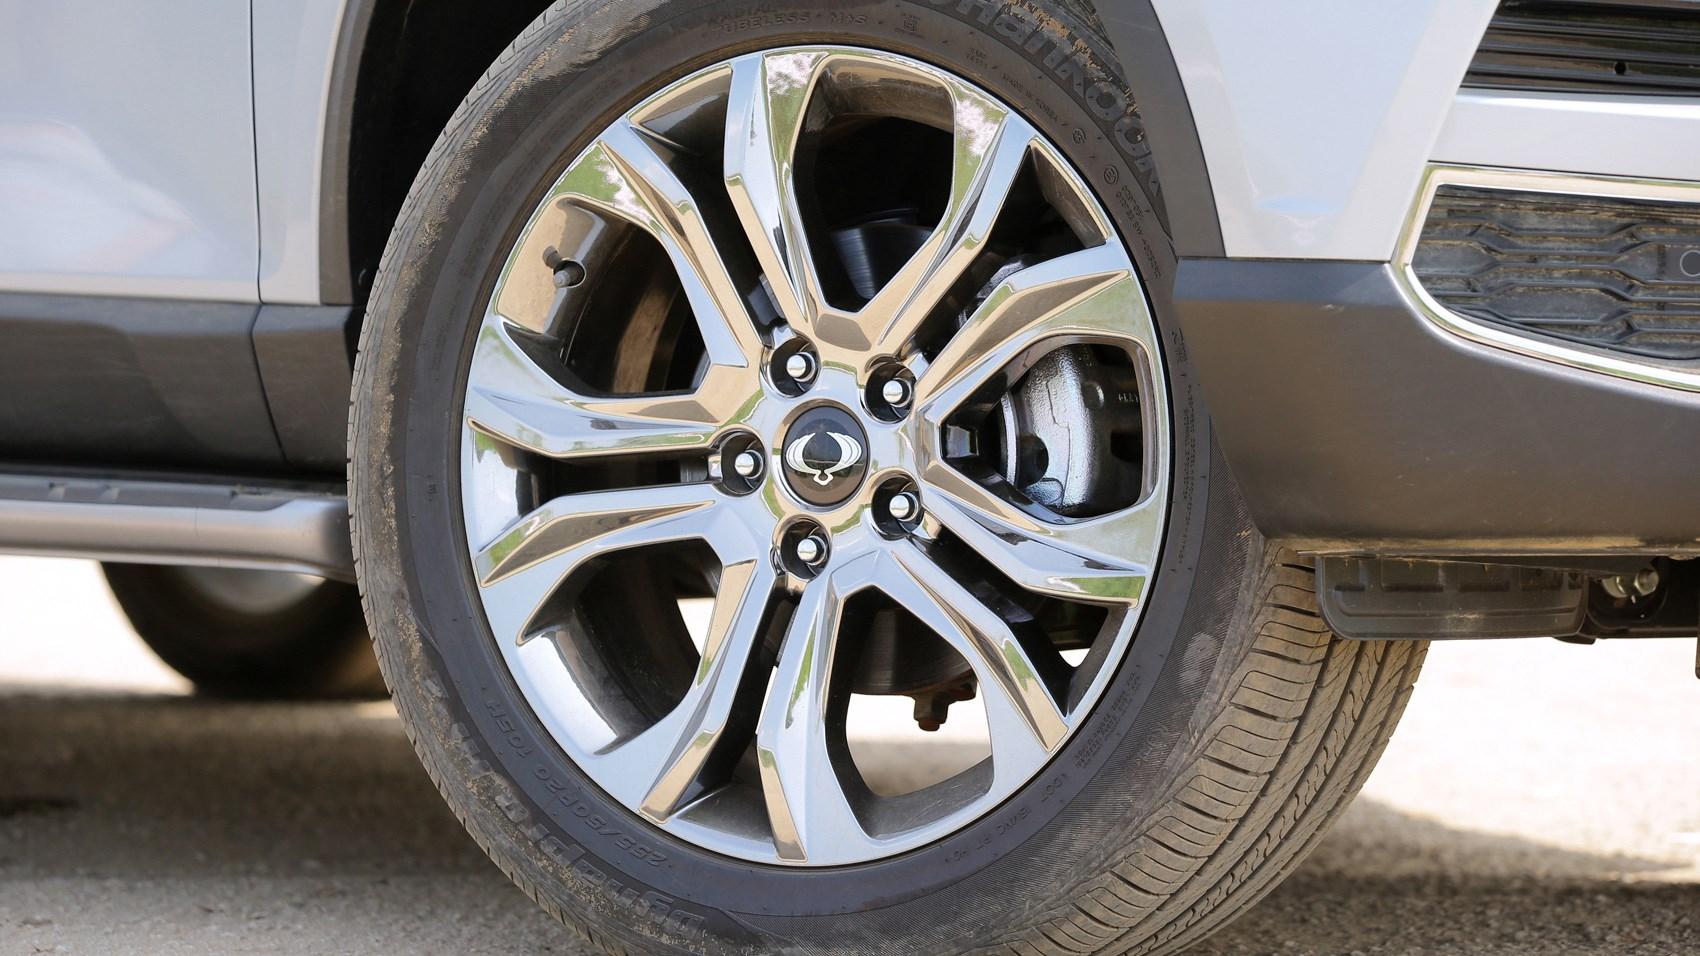 SsangYong Rexton wheel